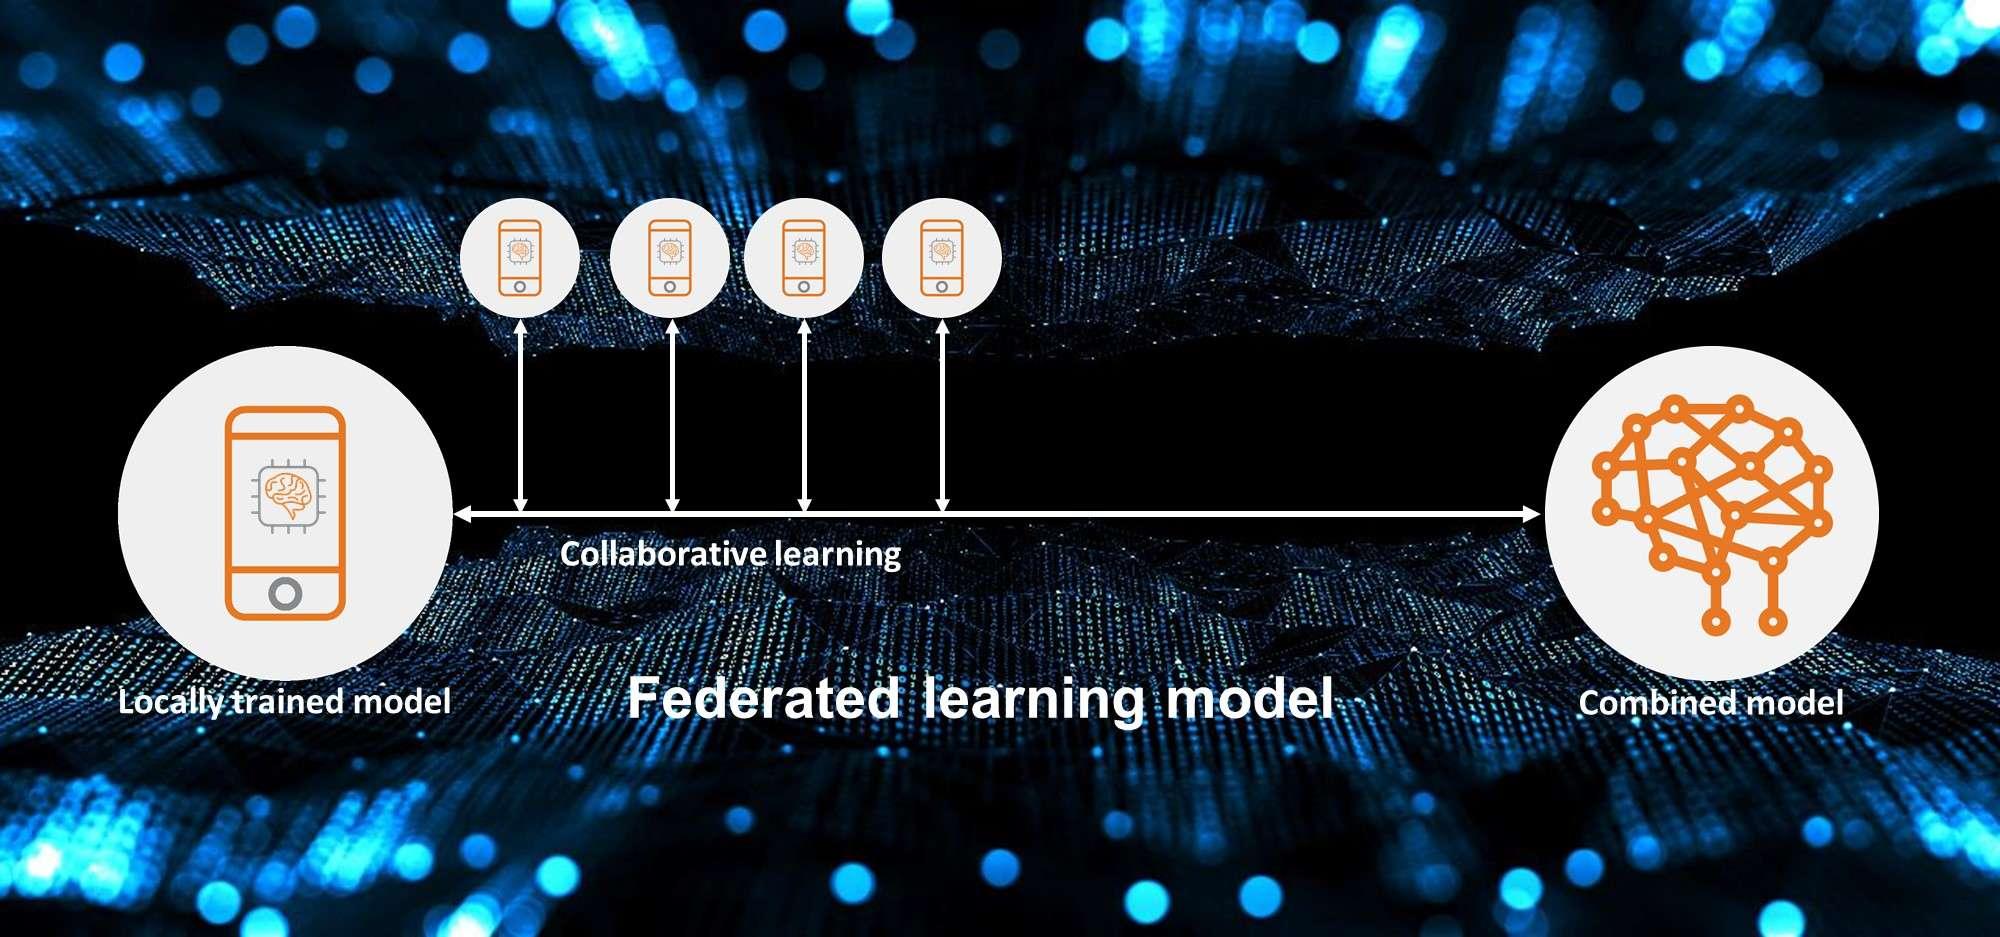 फ़ेडरेटेड लर्निंग मॉडल के माध्यम से ब्रेकिंग हेल्थ डेटा साइलो